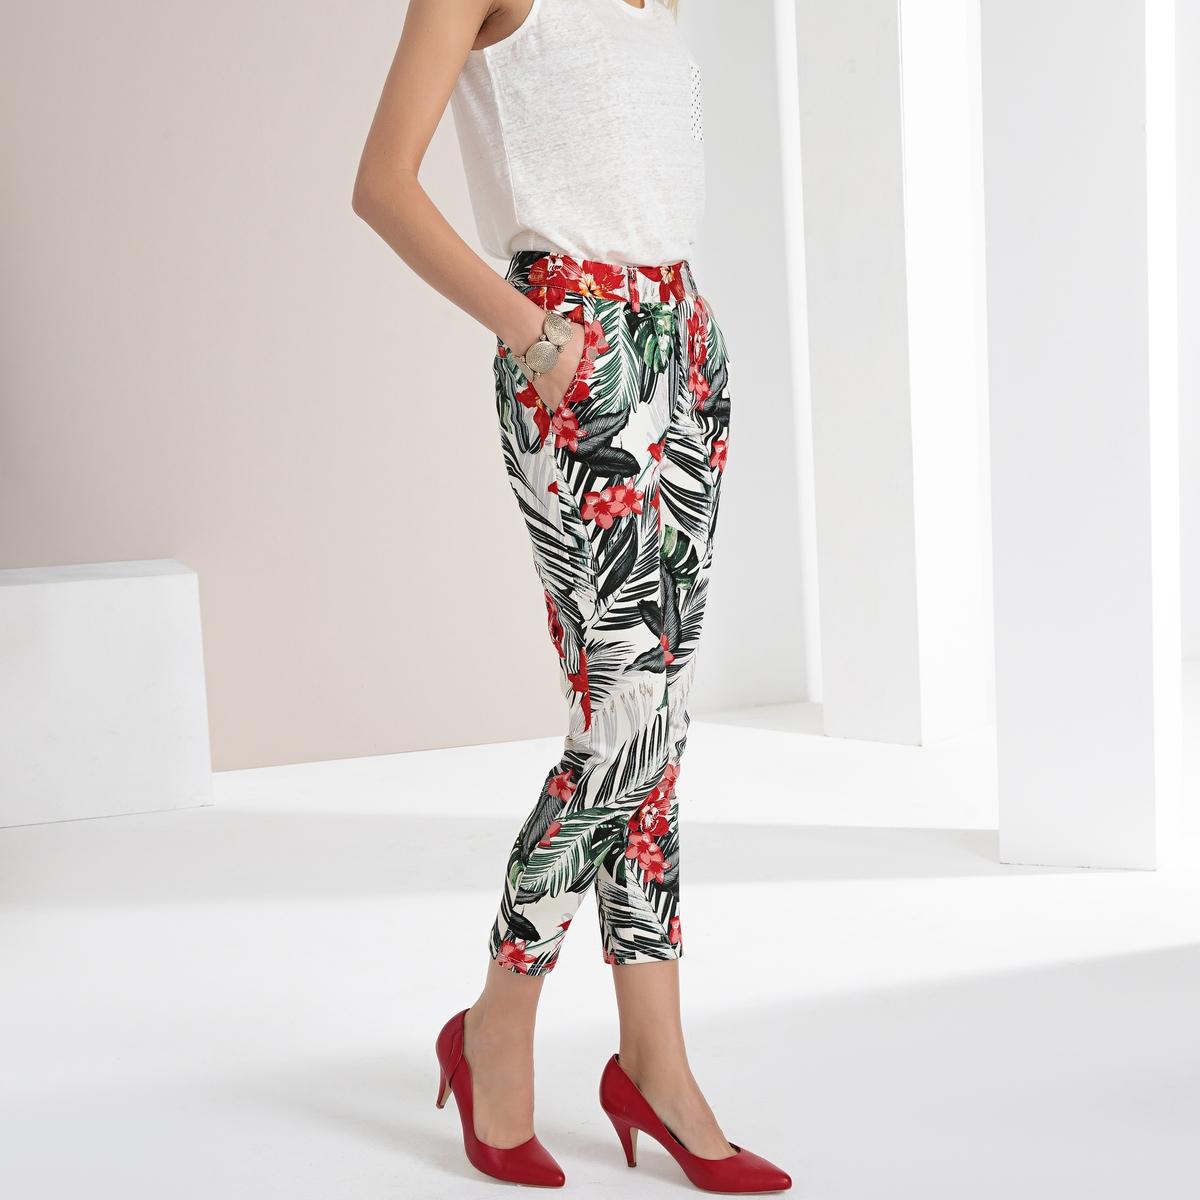 Imagen adicional de producto de Pantalón recto estampado de satén de algodón stretch - Anne weyburn